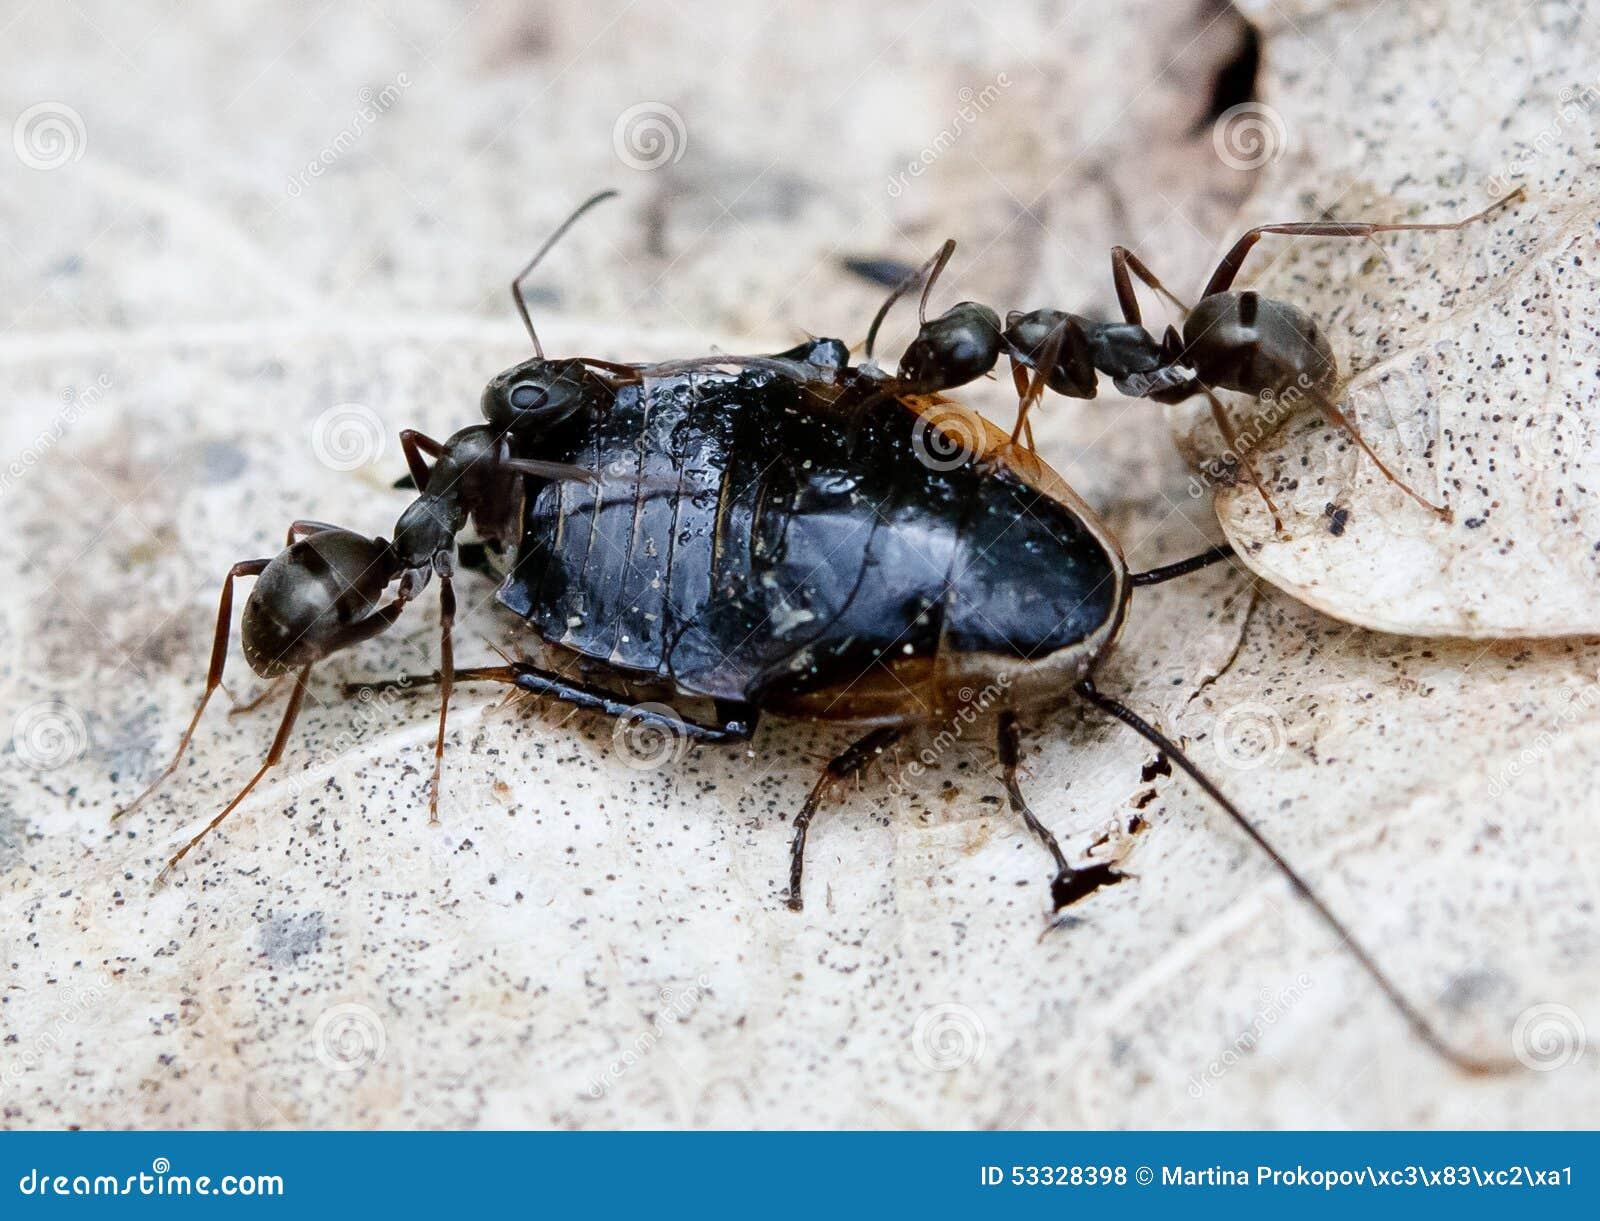 Ants Solenopsis invicta